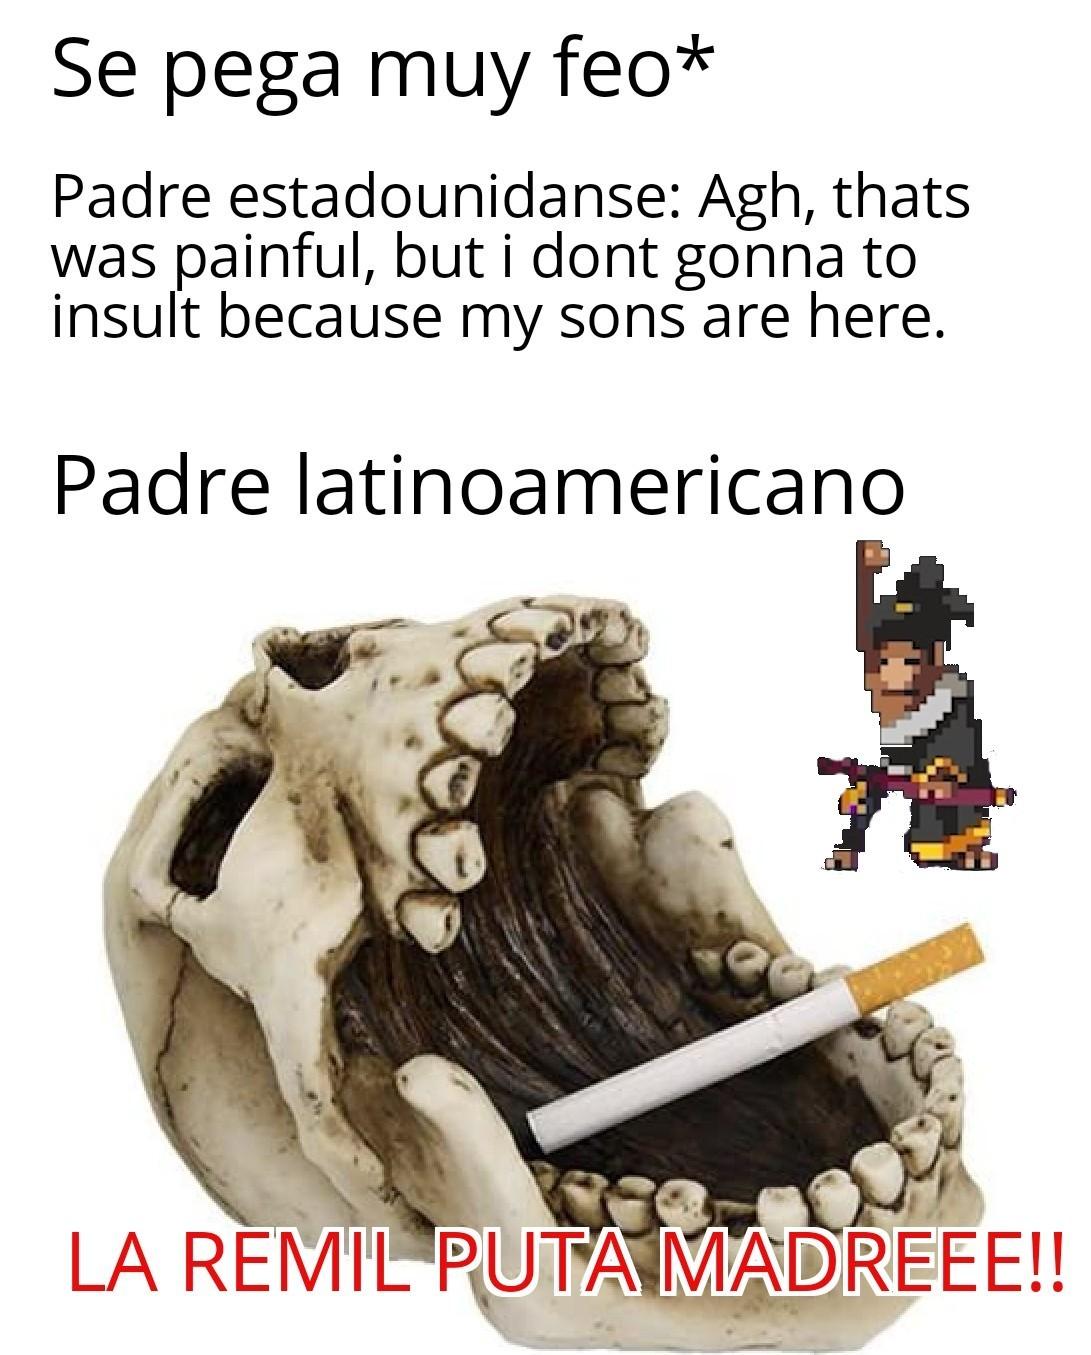 Titulo relacionado con el meme*